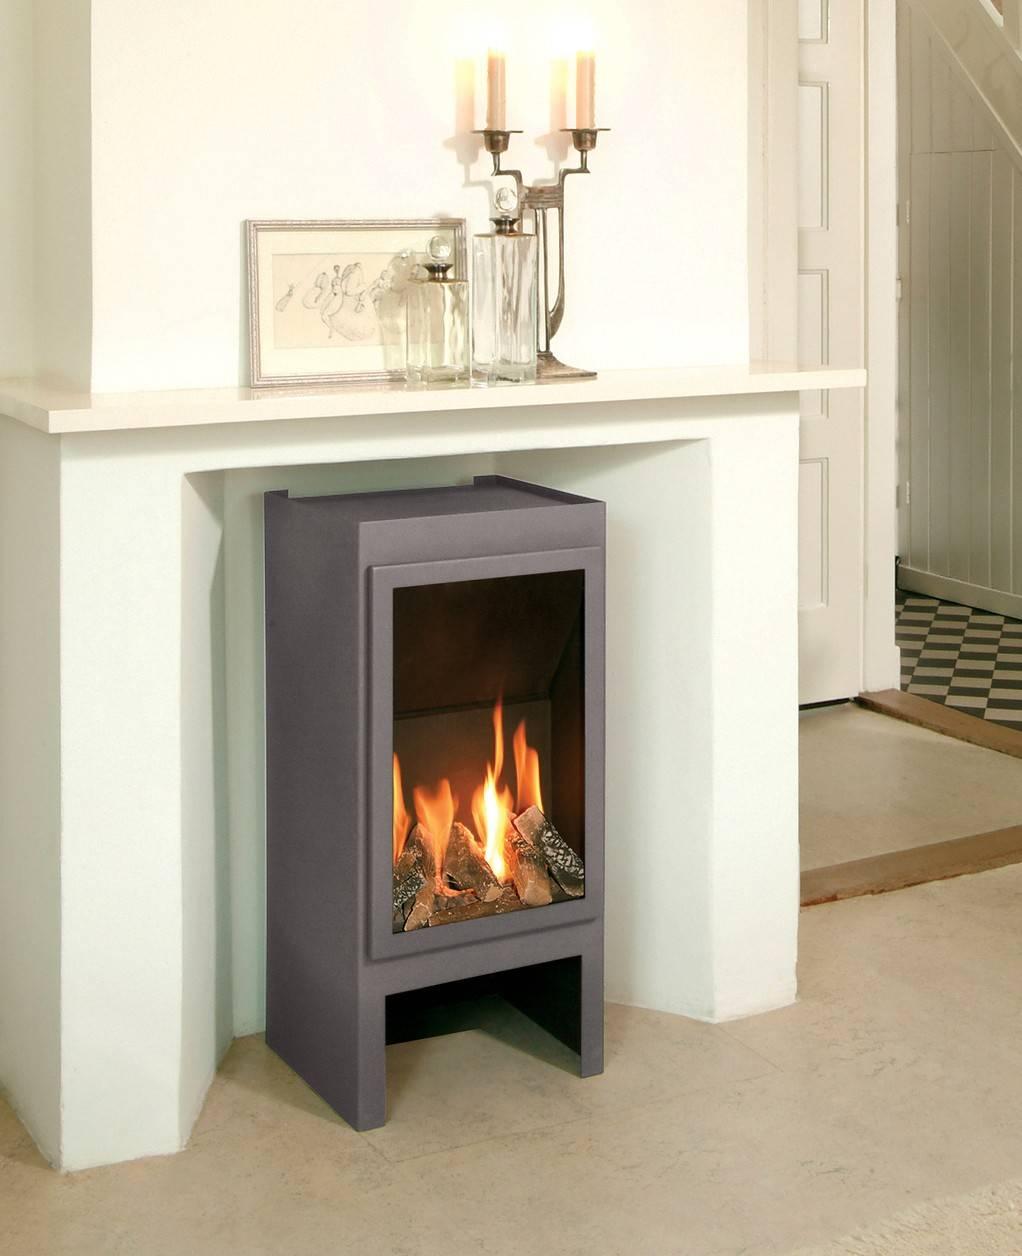 Газовый камин (76 фото): напольный для квартиры на баллонном газе для отопления, горелка своими руками, без дымохода